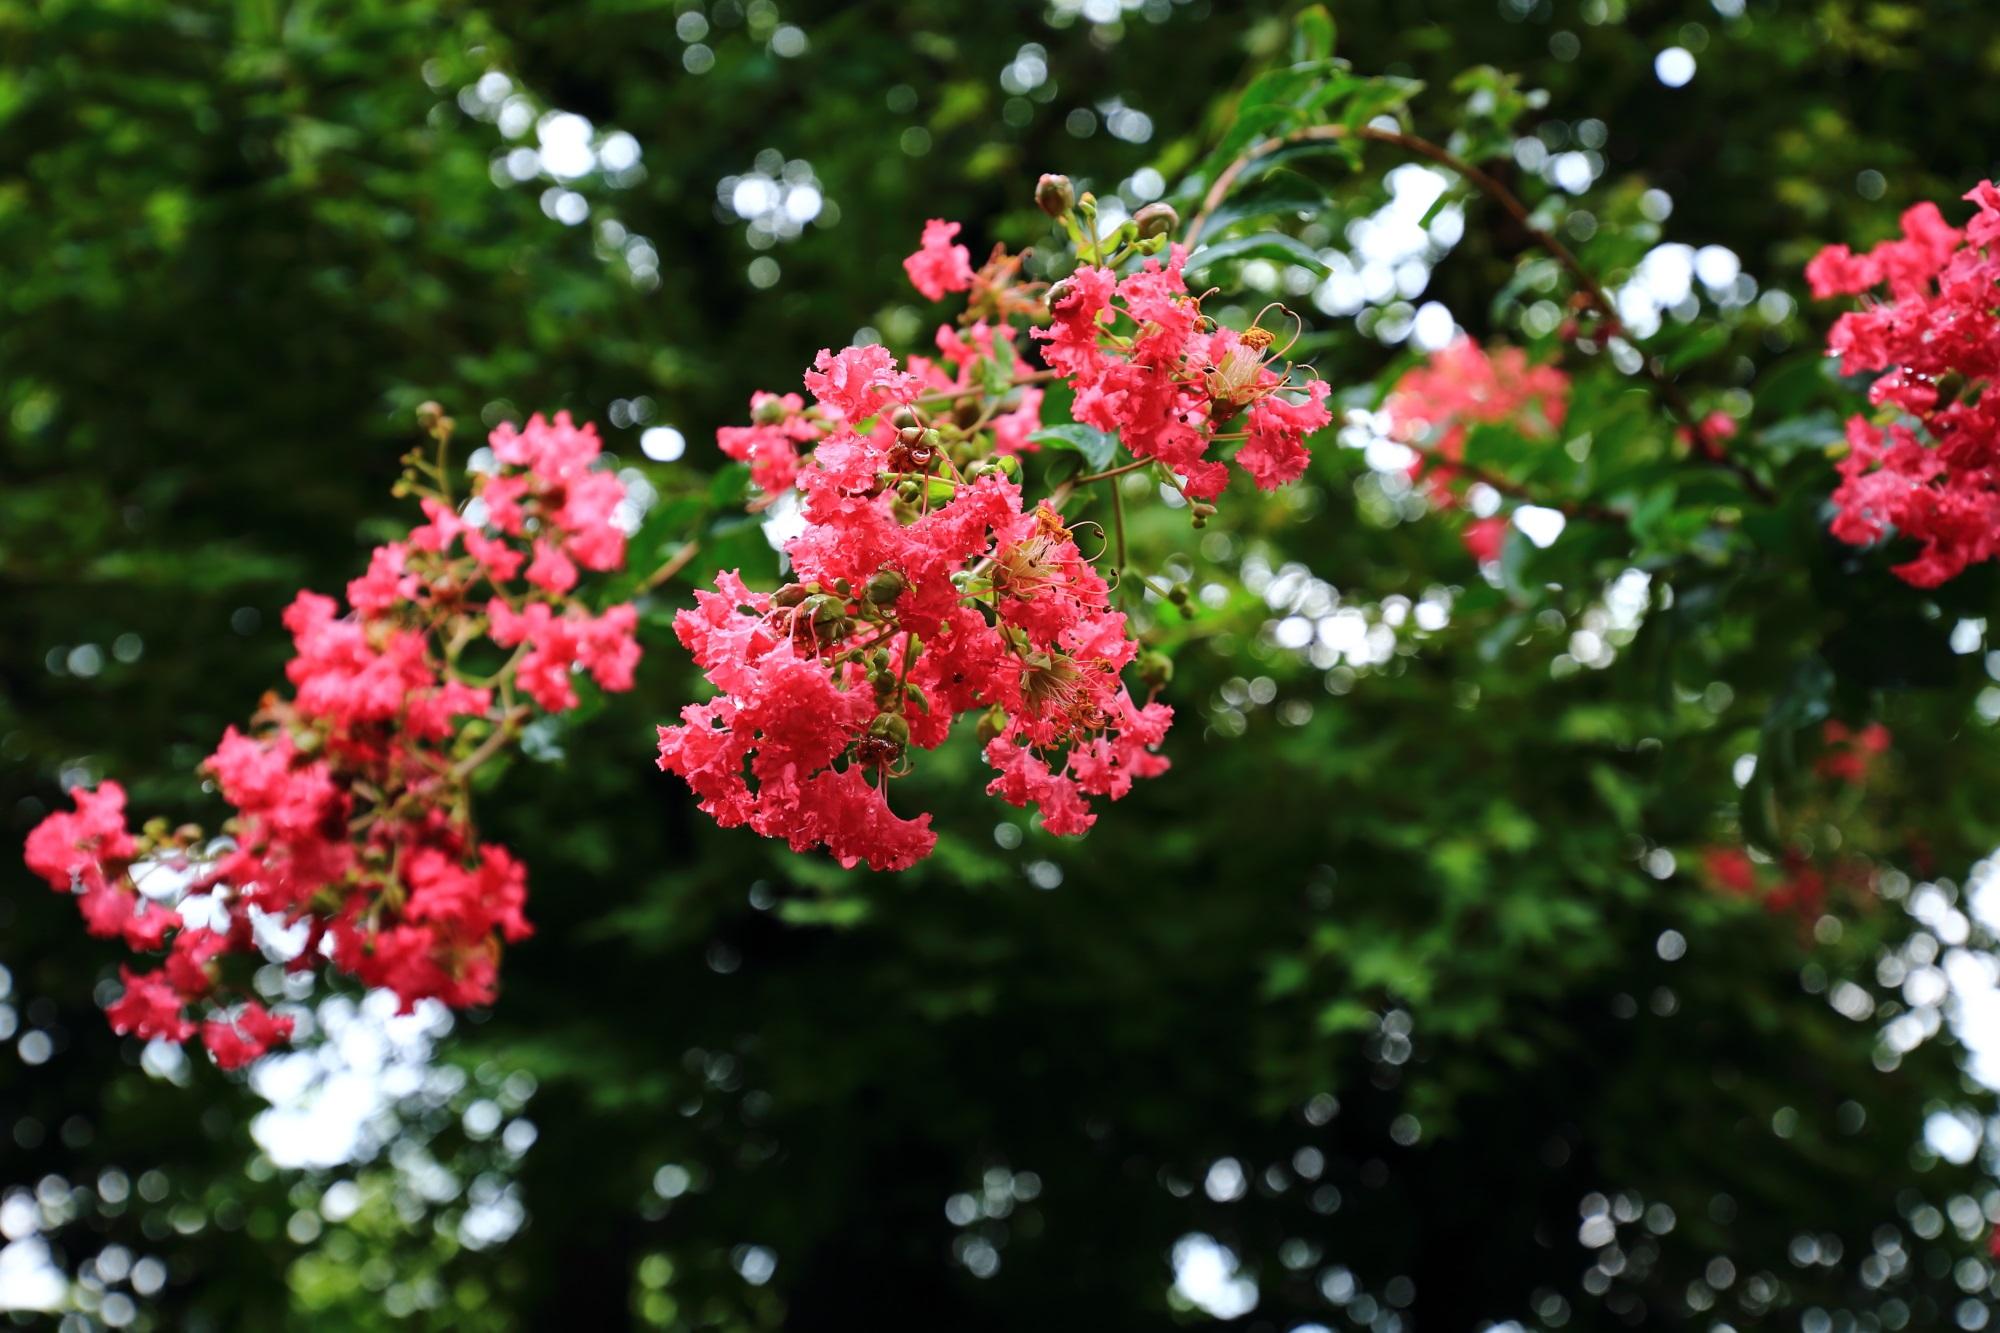 首途八幡宮の真夏を彩る鮮やかなピンクの百日紅の花